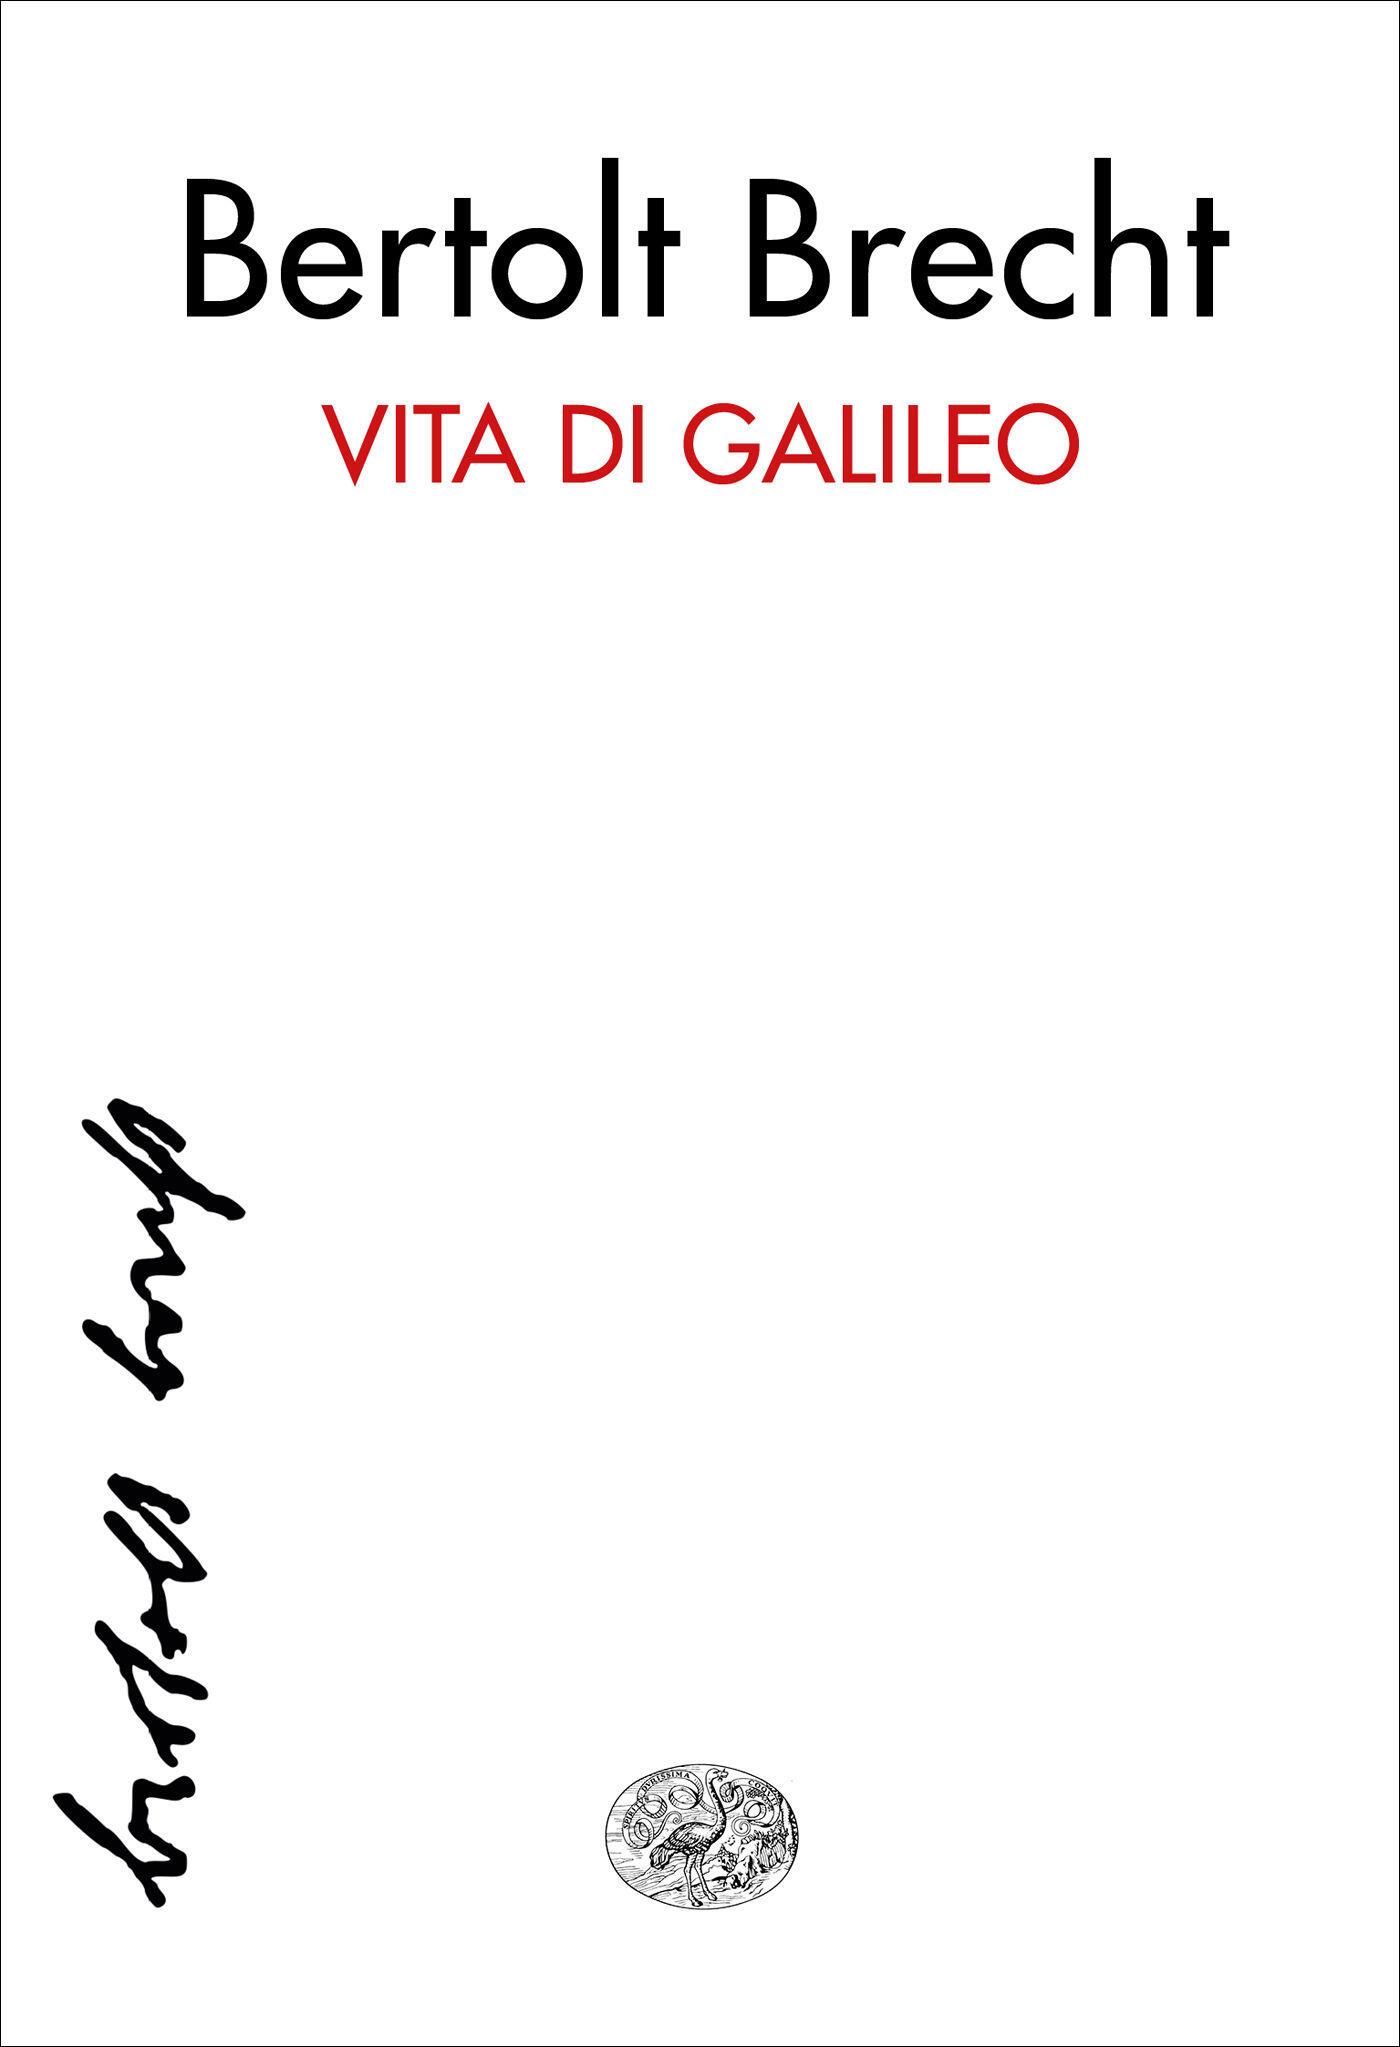 Vita Di Galileo Brecht Bertolt Ebook EPUB Con DRM